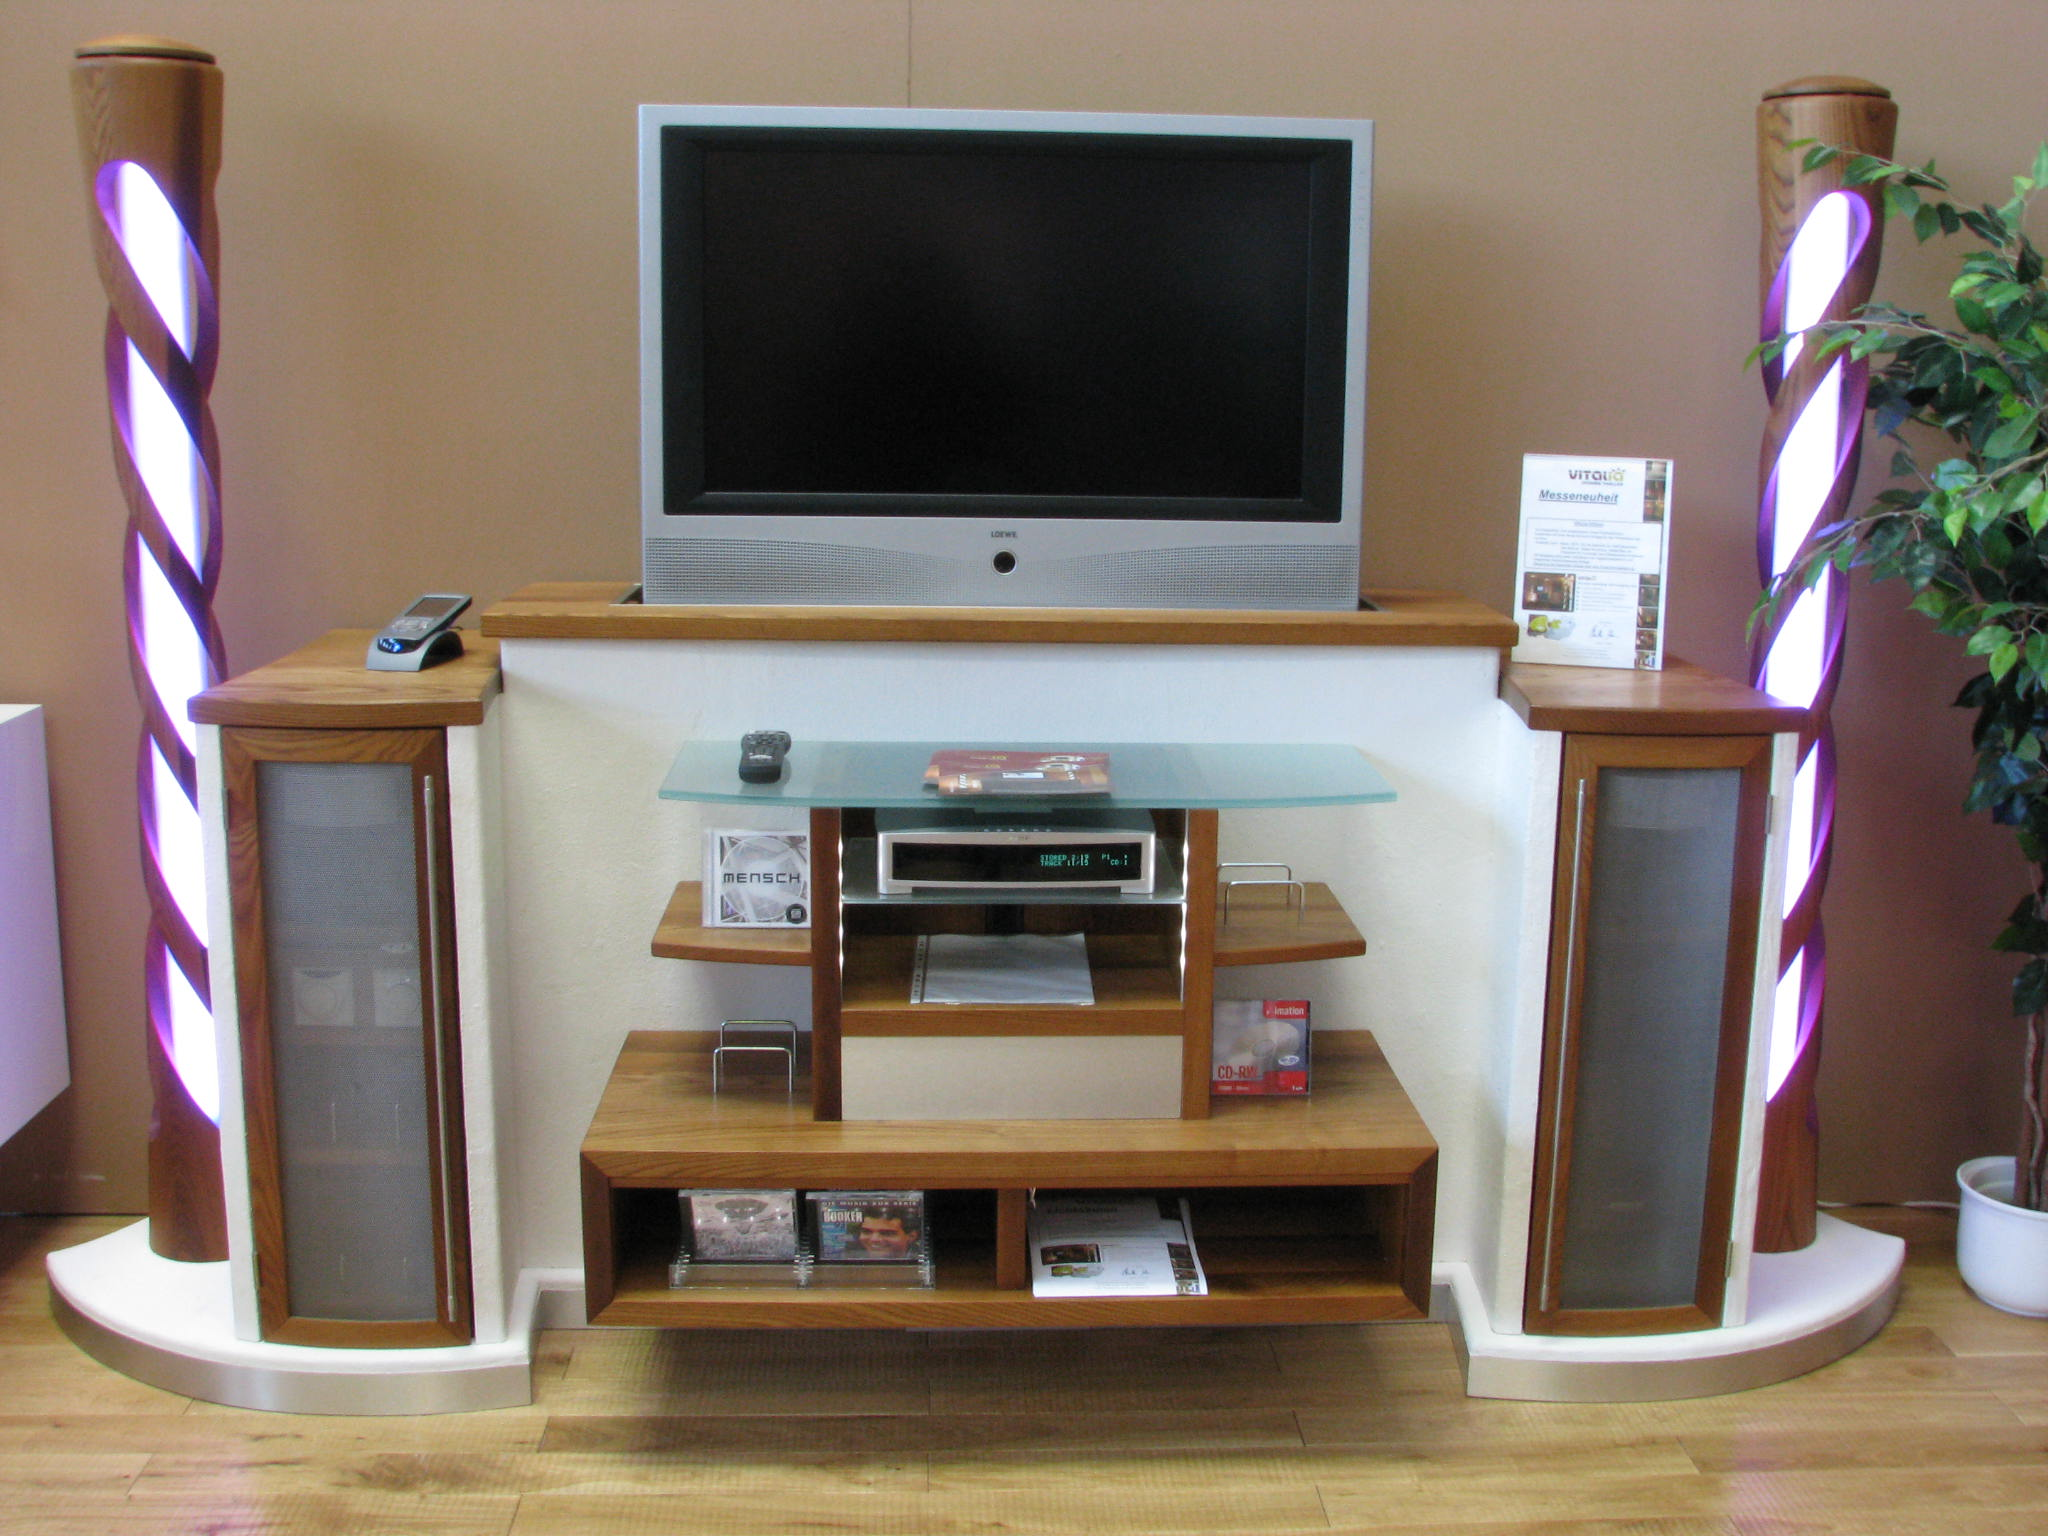 Fernsehschrank versenkbar  Versenkbare Fernseher Möbel_022348 ~ Neuesten Ideen für die ...